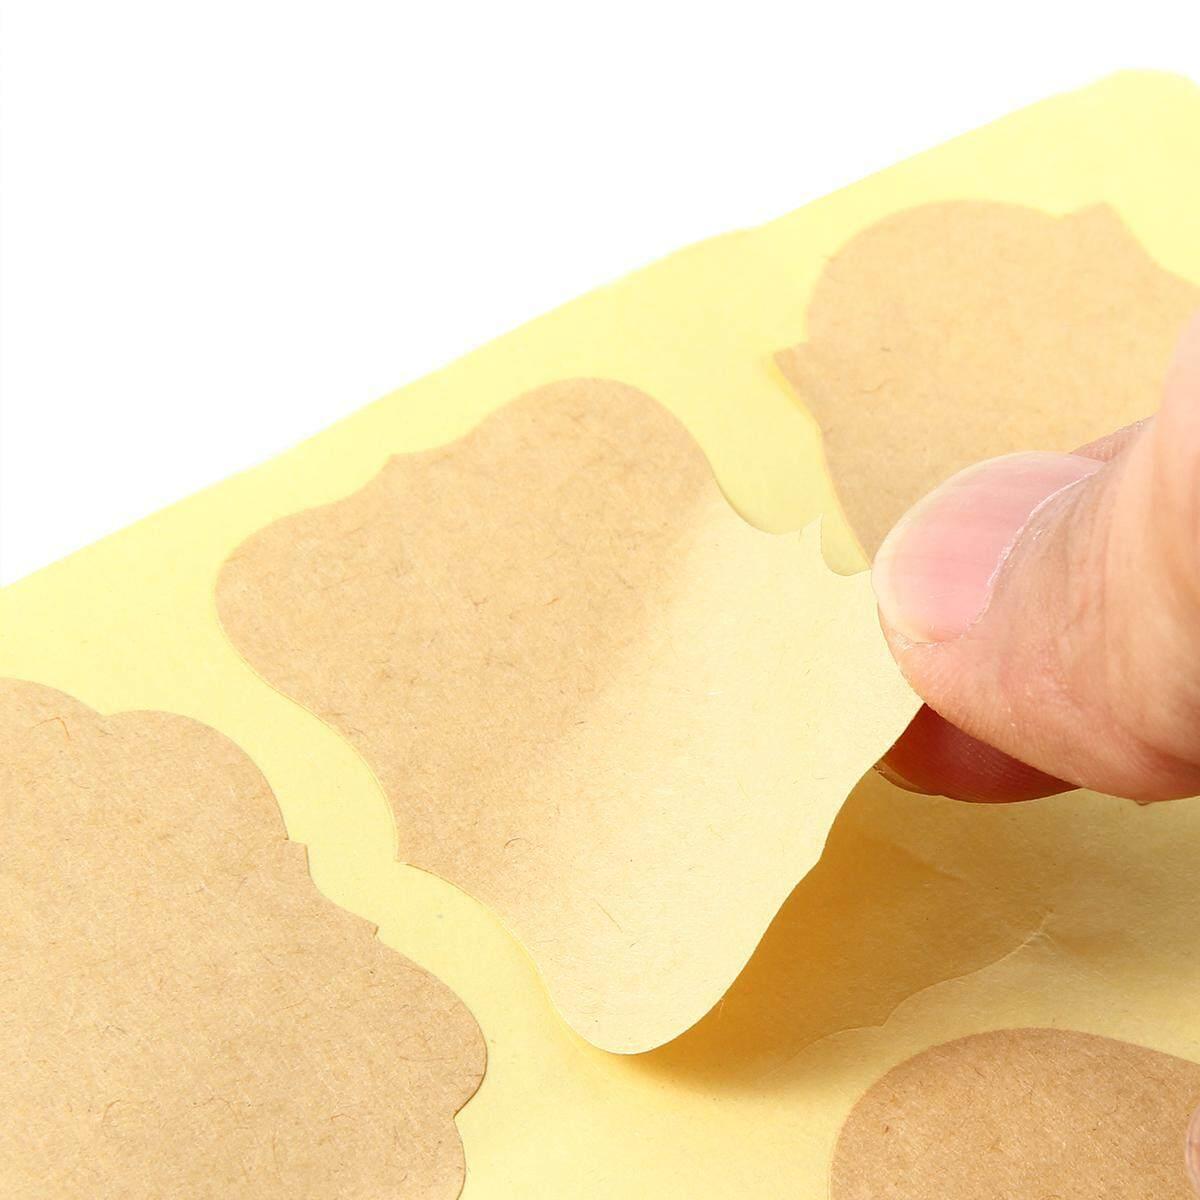 4a35df0b11d6 72Pcs Fancy Shape Kraft Paper Essential Oil Bottle Stickers Labels  Chalkboard Stickers Food Jars Labels